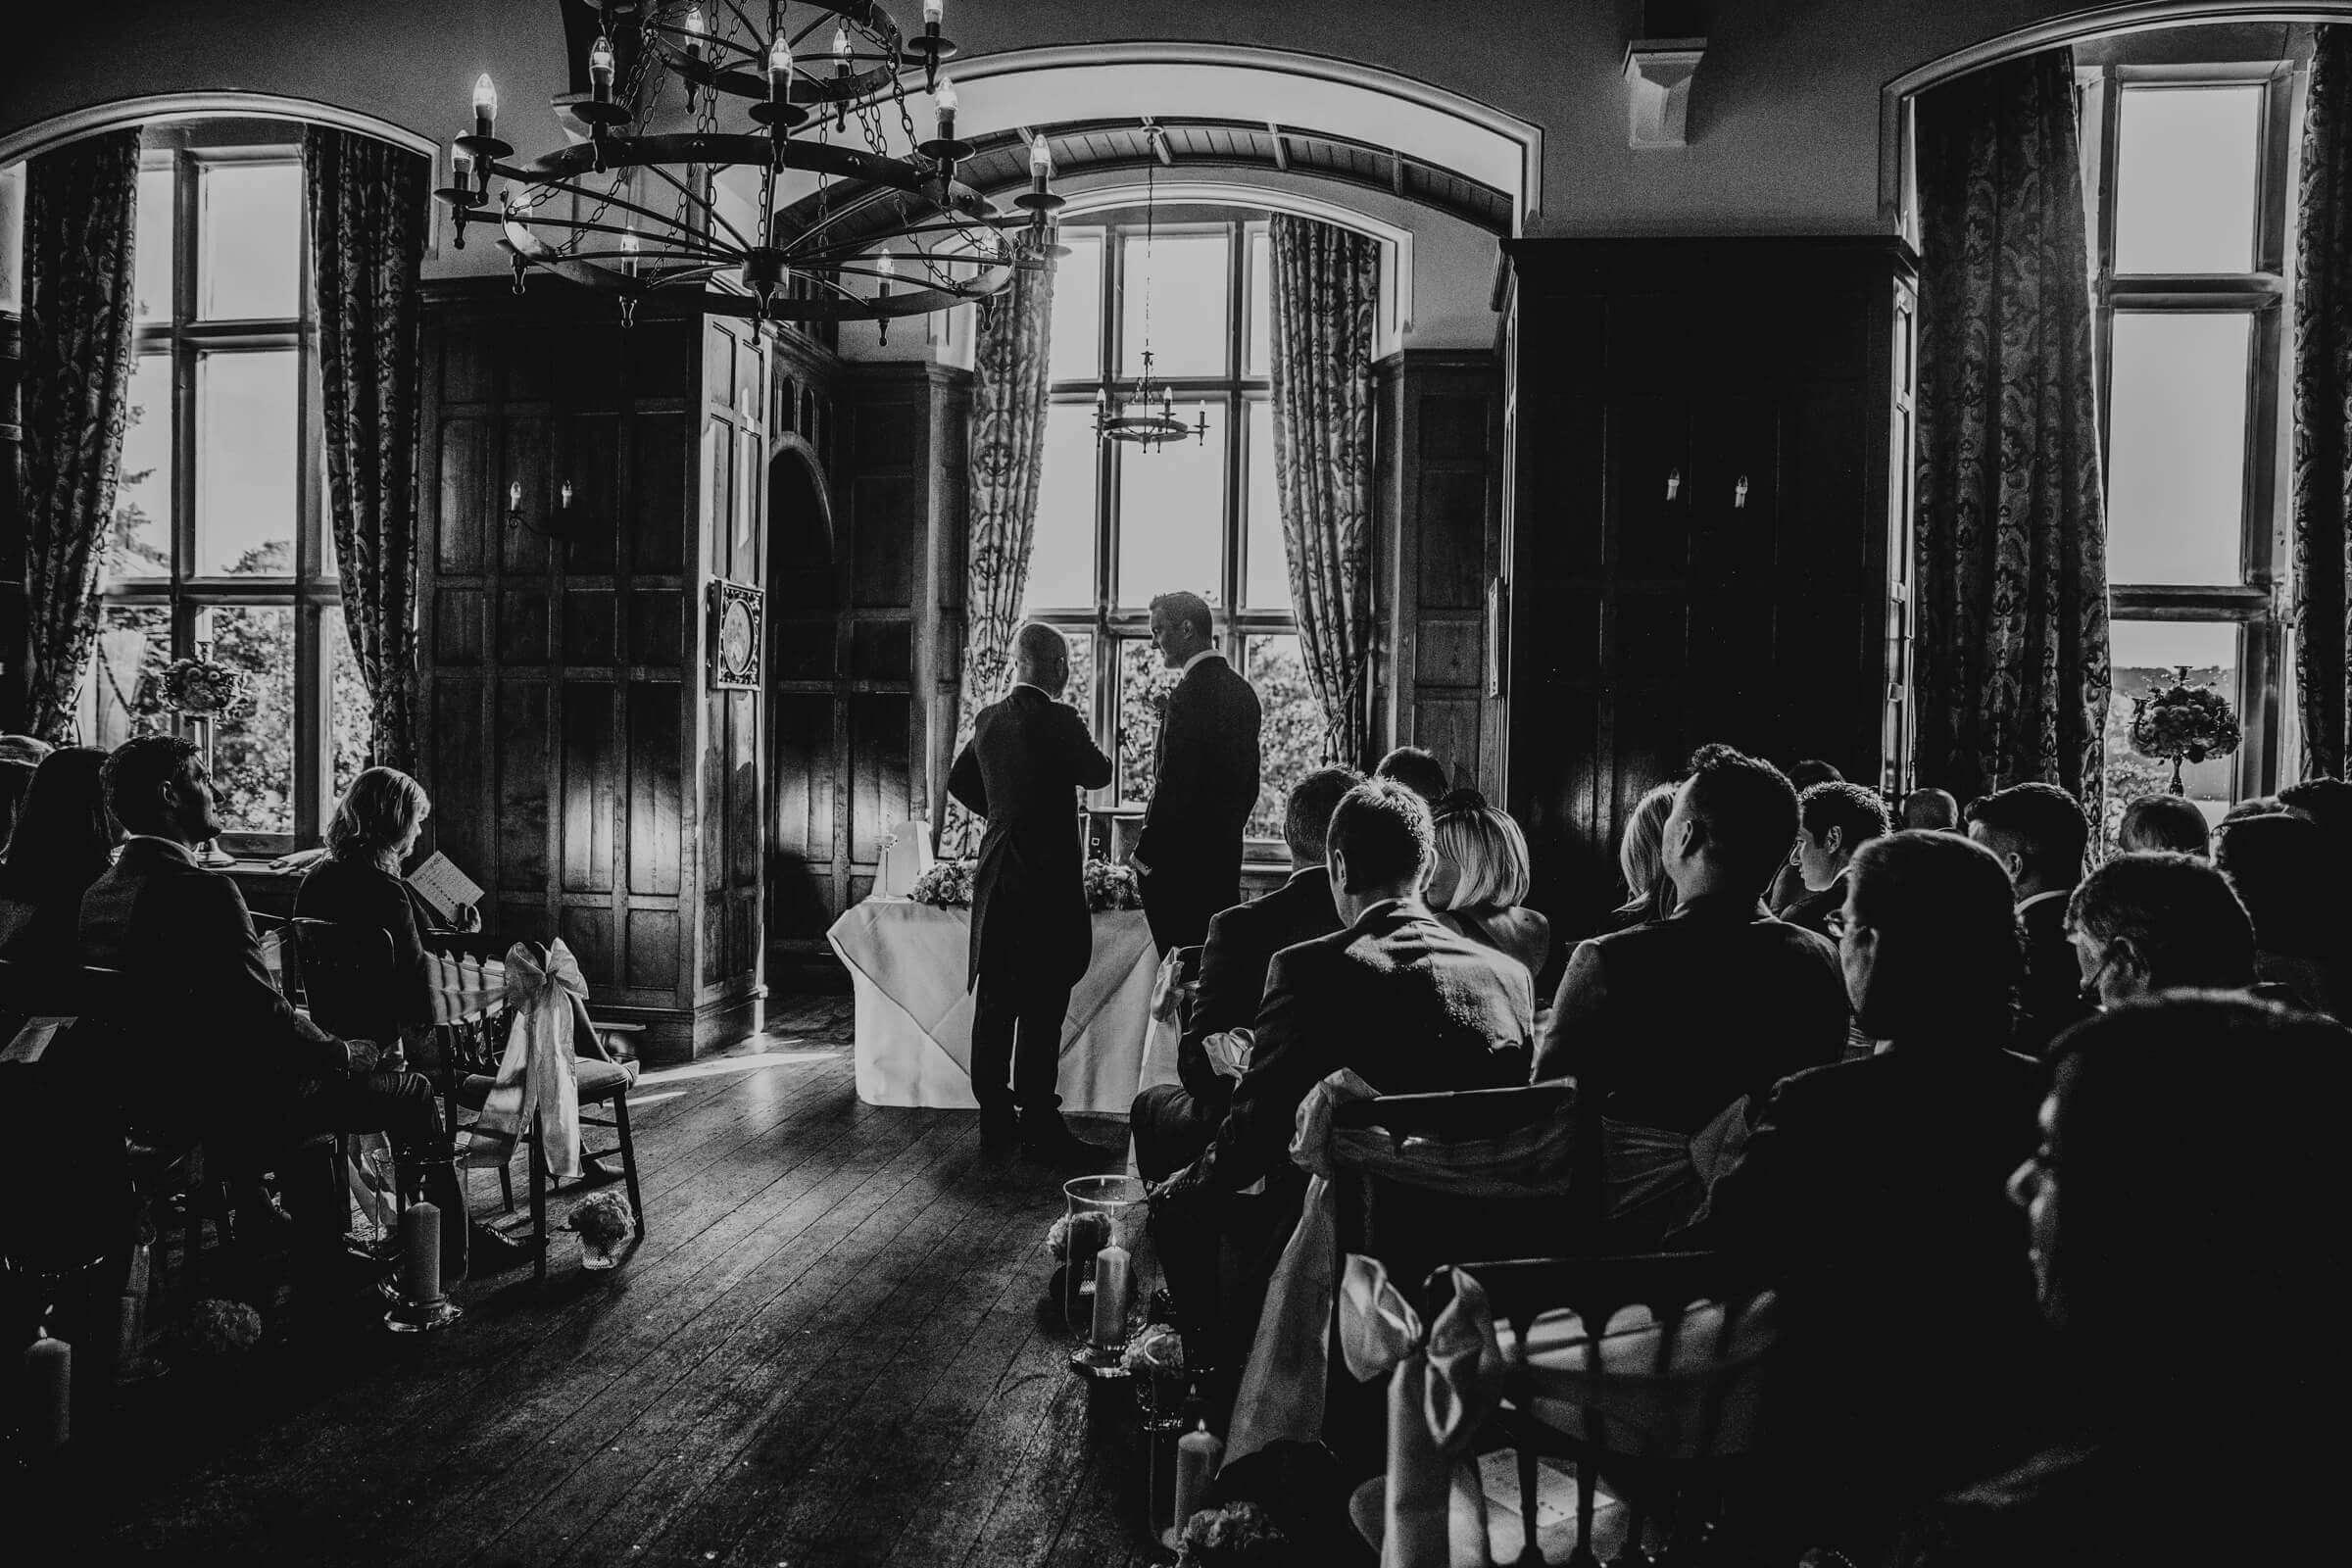 Chateau_Rhianfa_Wedding_Photography_024.jpg